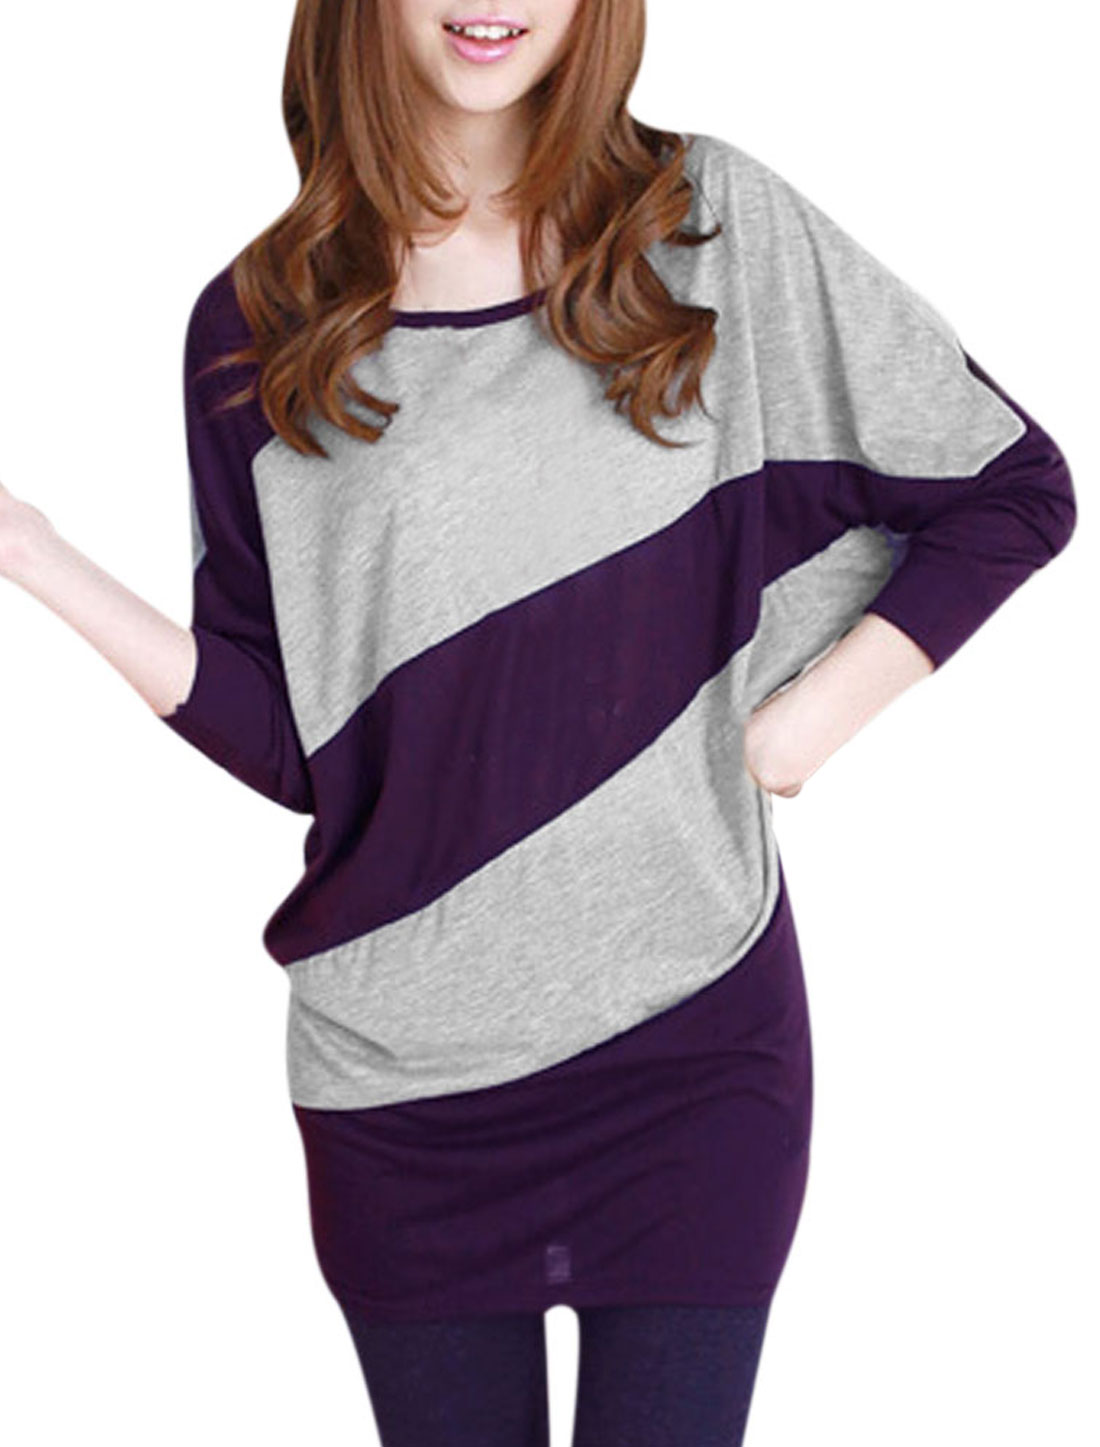 Ladies Scoop Neck Batwing Long Sleeves Broad Stripes Prints Purple Shirt XS